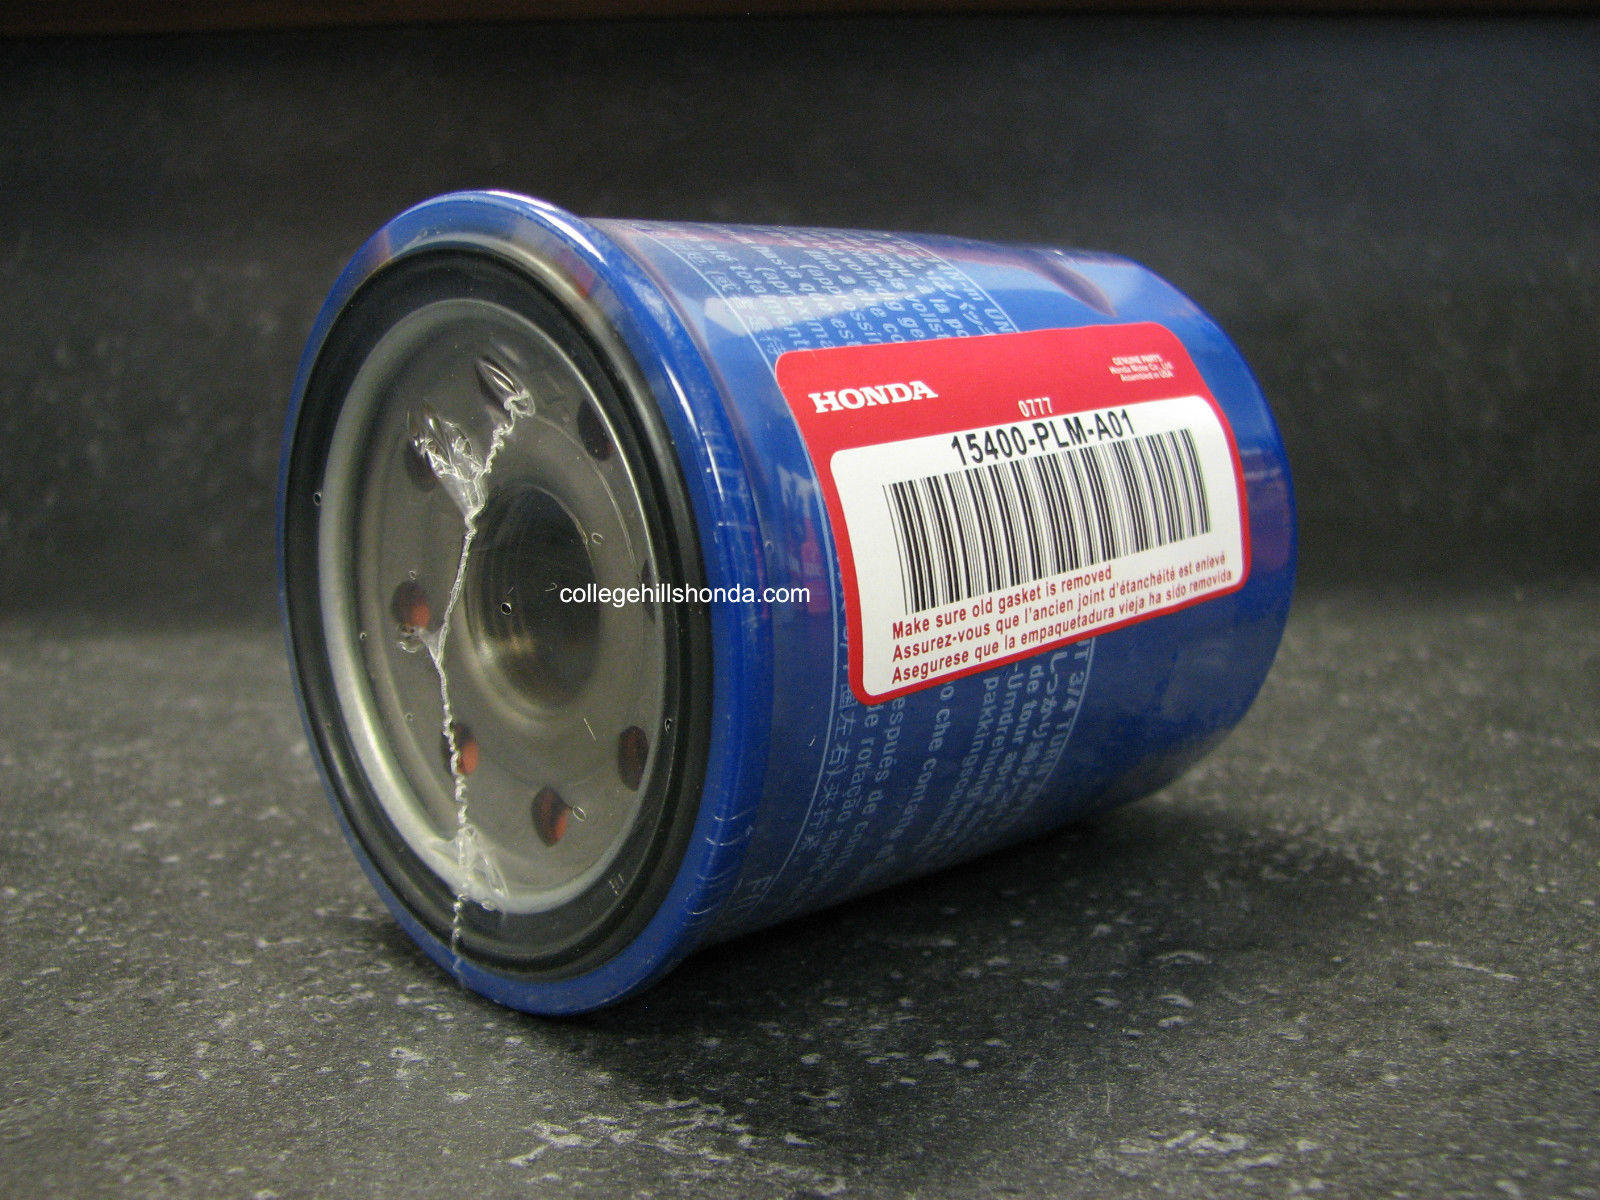 Honda Oil Filter w/Washer (Filtech) - 15400-PLM-A01_94109-14000